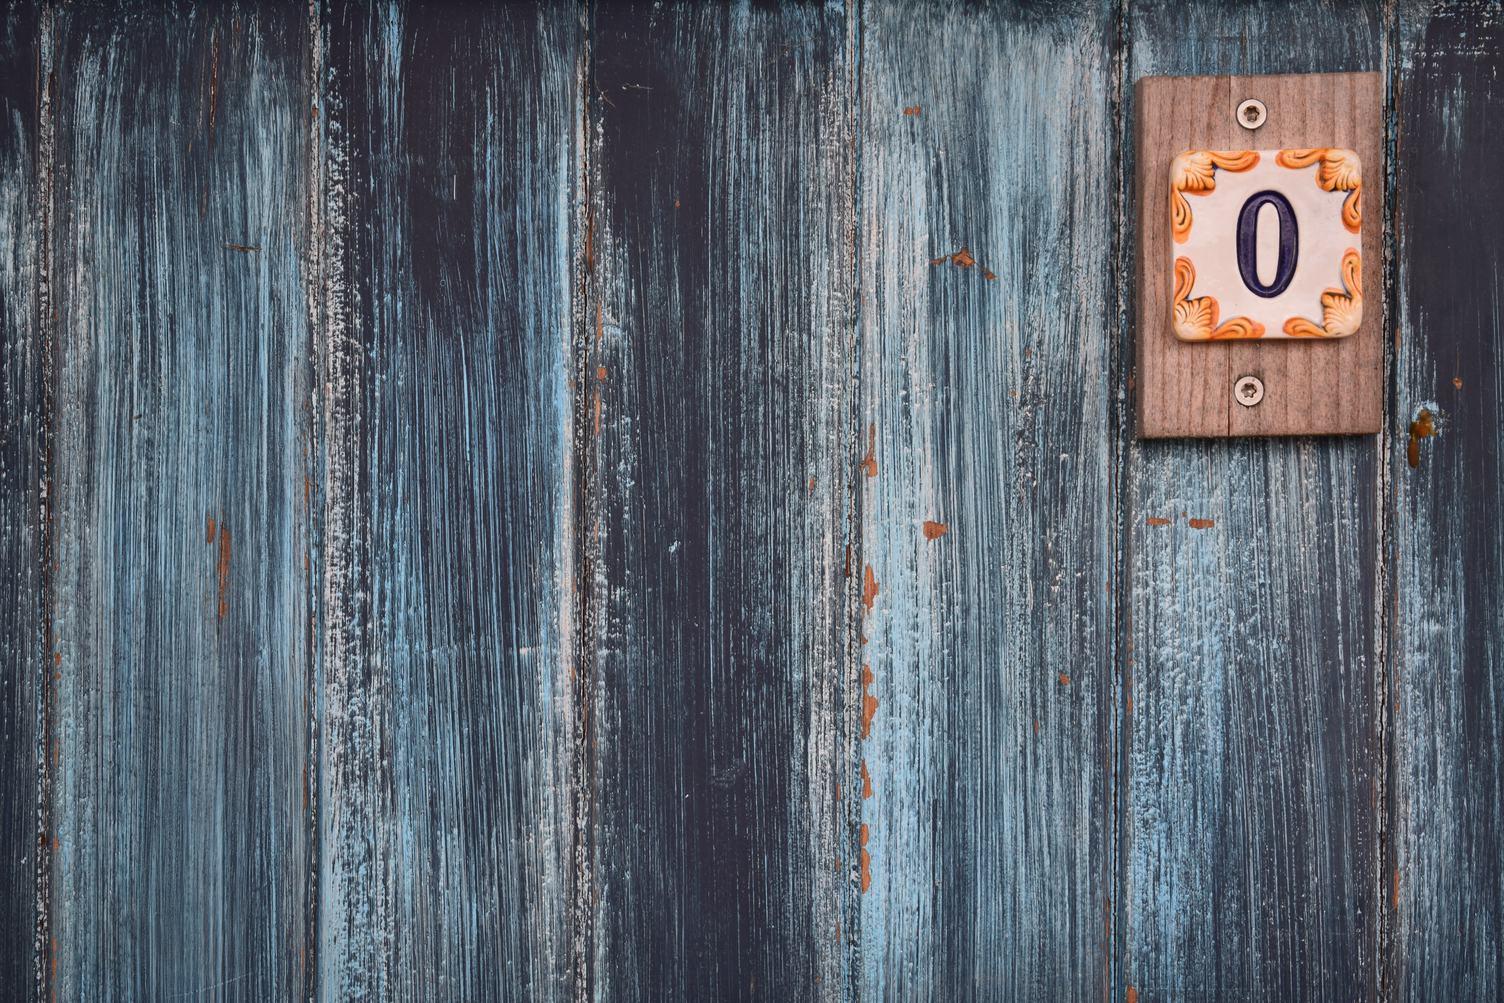 Door with Number 0